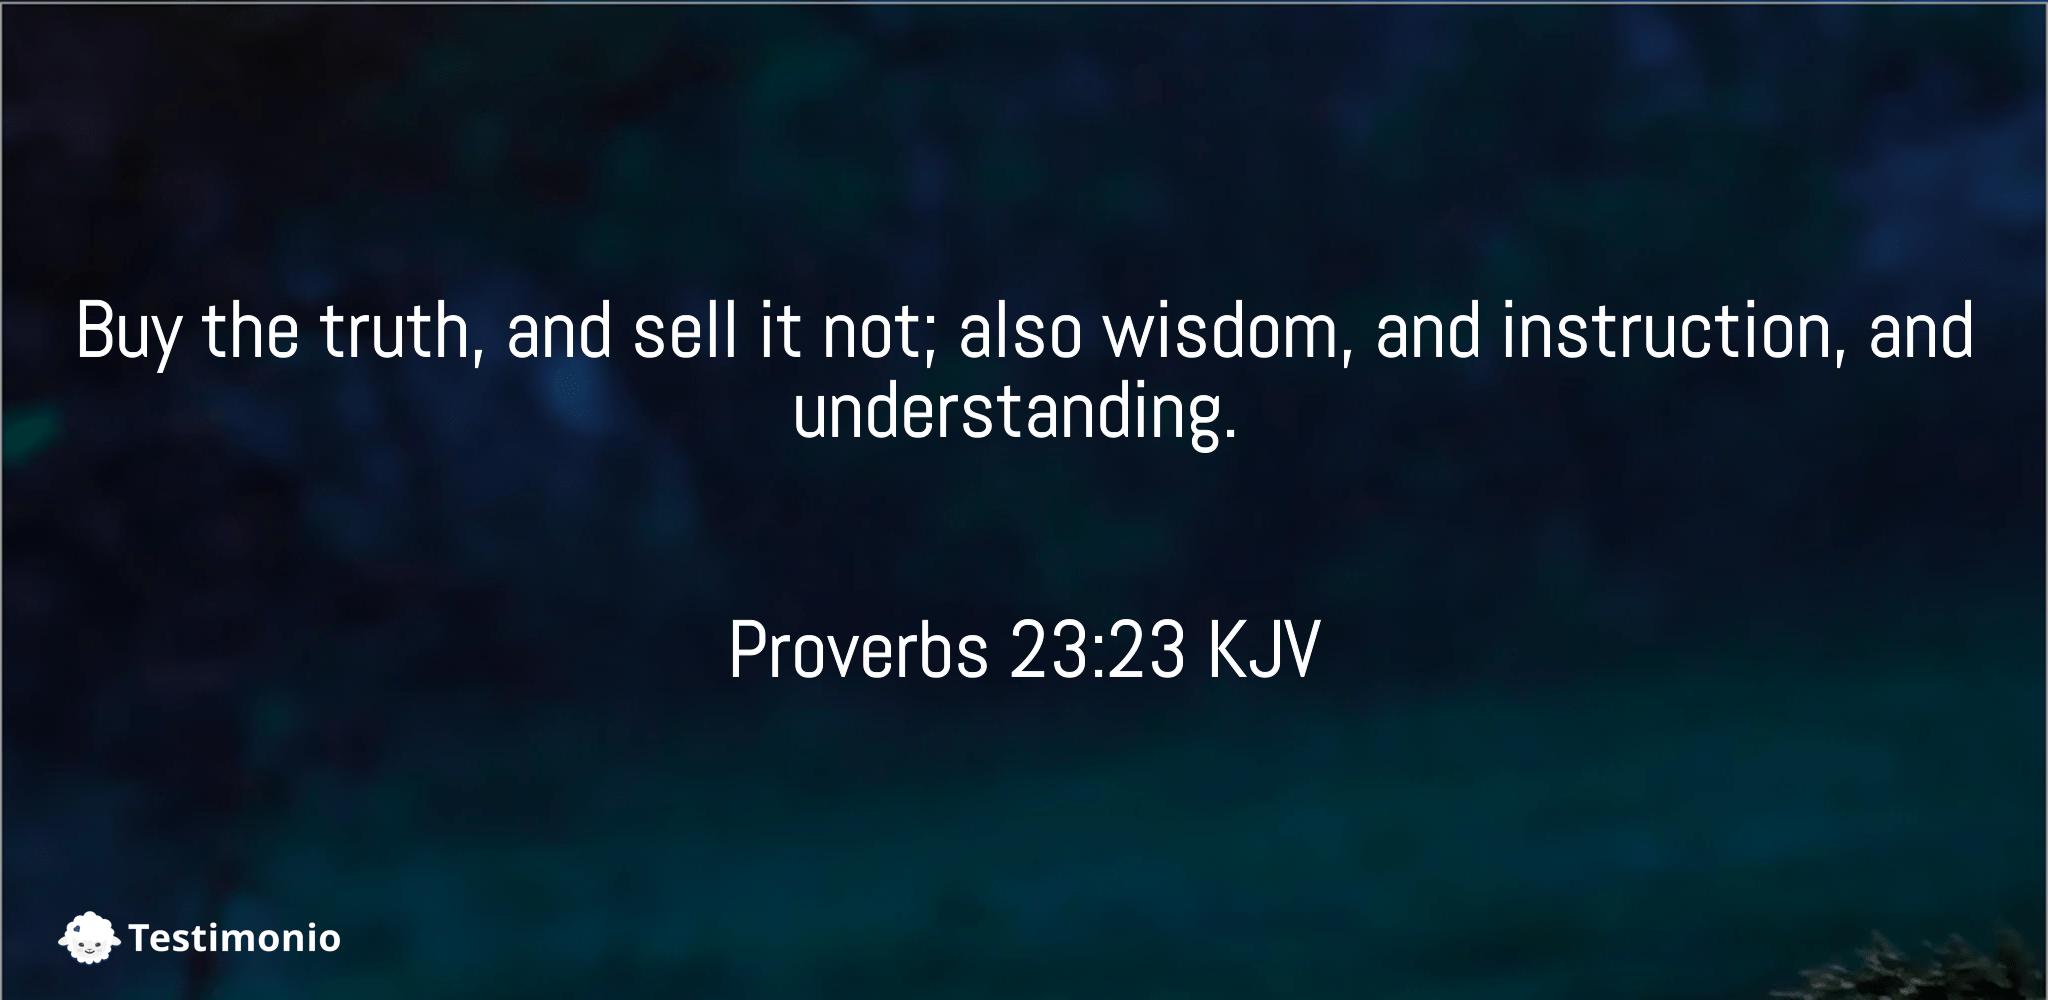 Proverbs 23:23